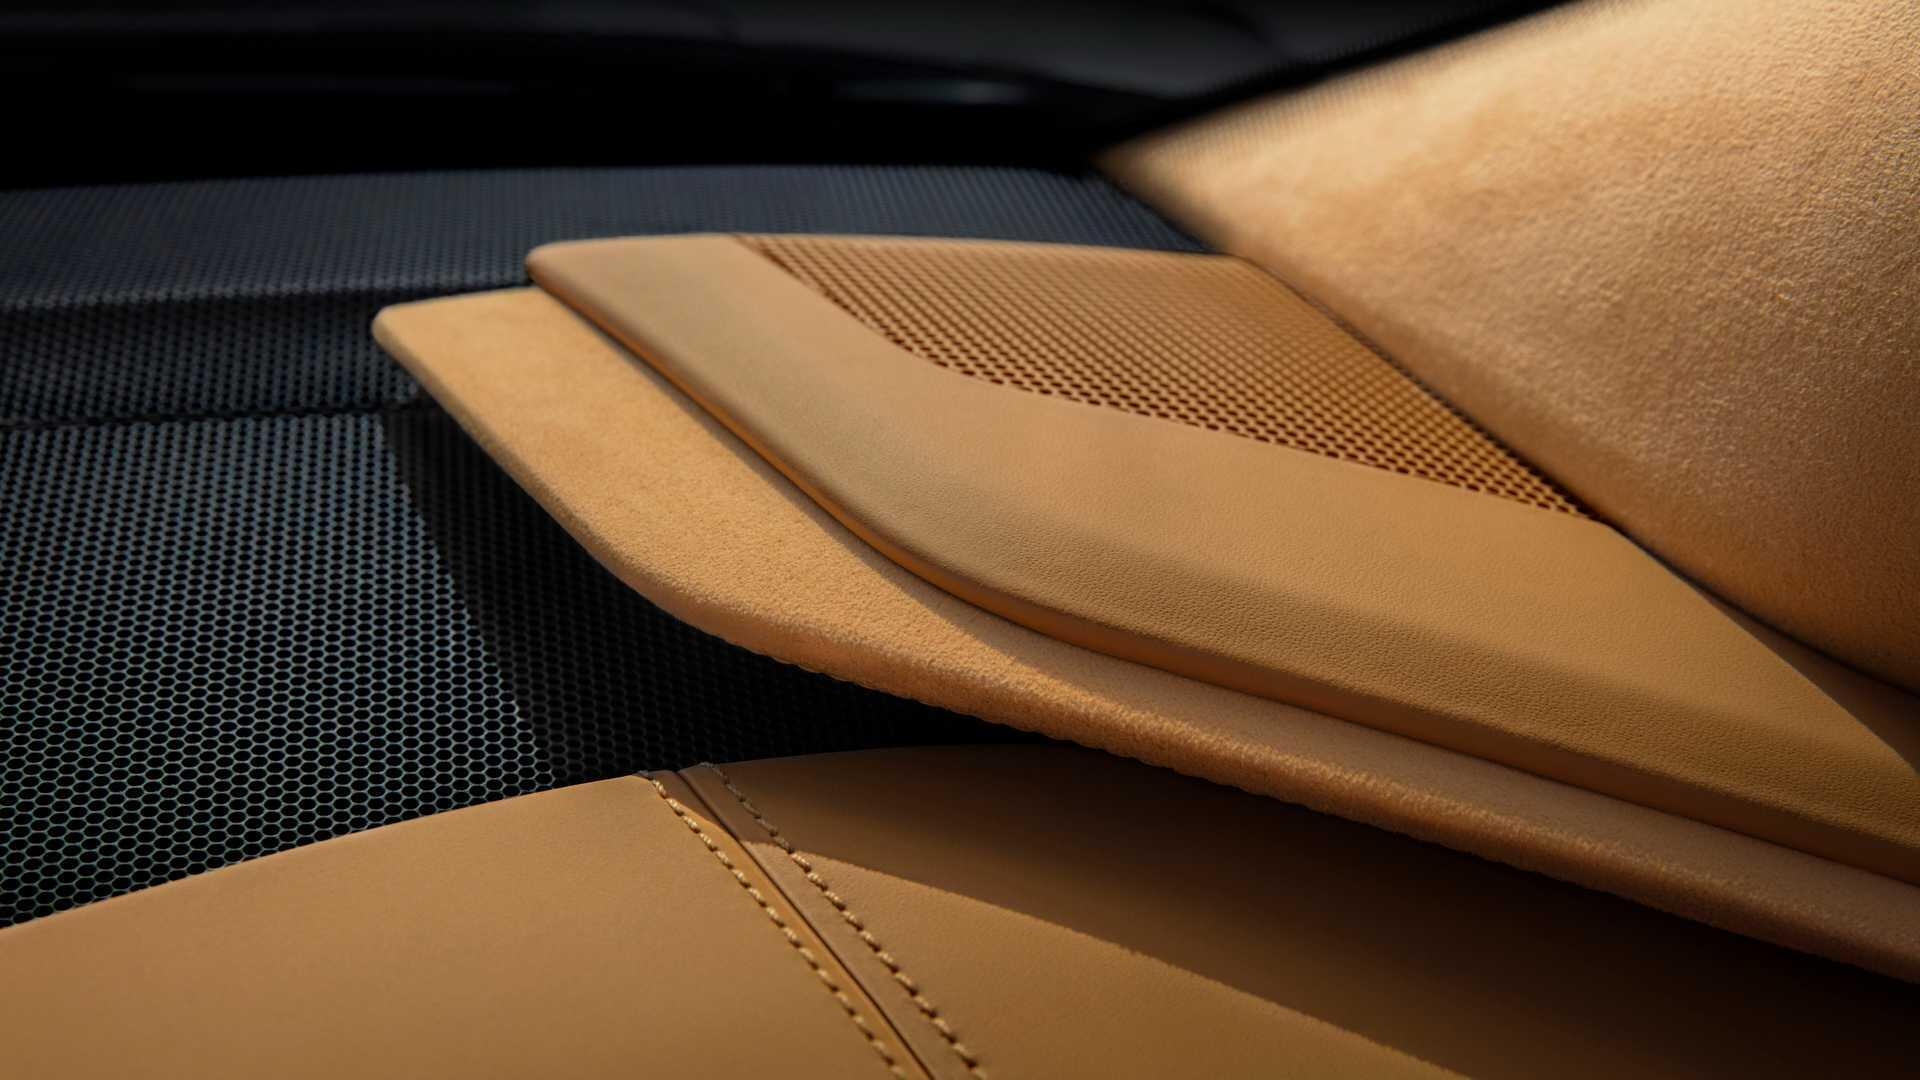 https://cdn.dailyxe.com.vn/image/chevrolet-corvette-2020-co-mot-so-tinh-nang-an-tuyet-voi-90-94590j2.jpg